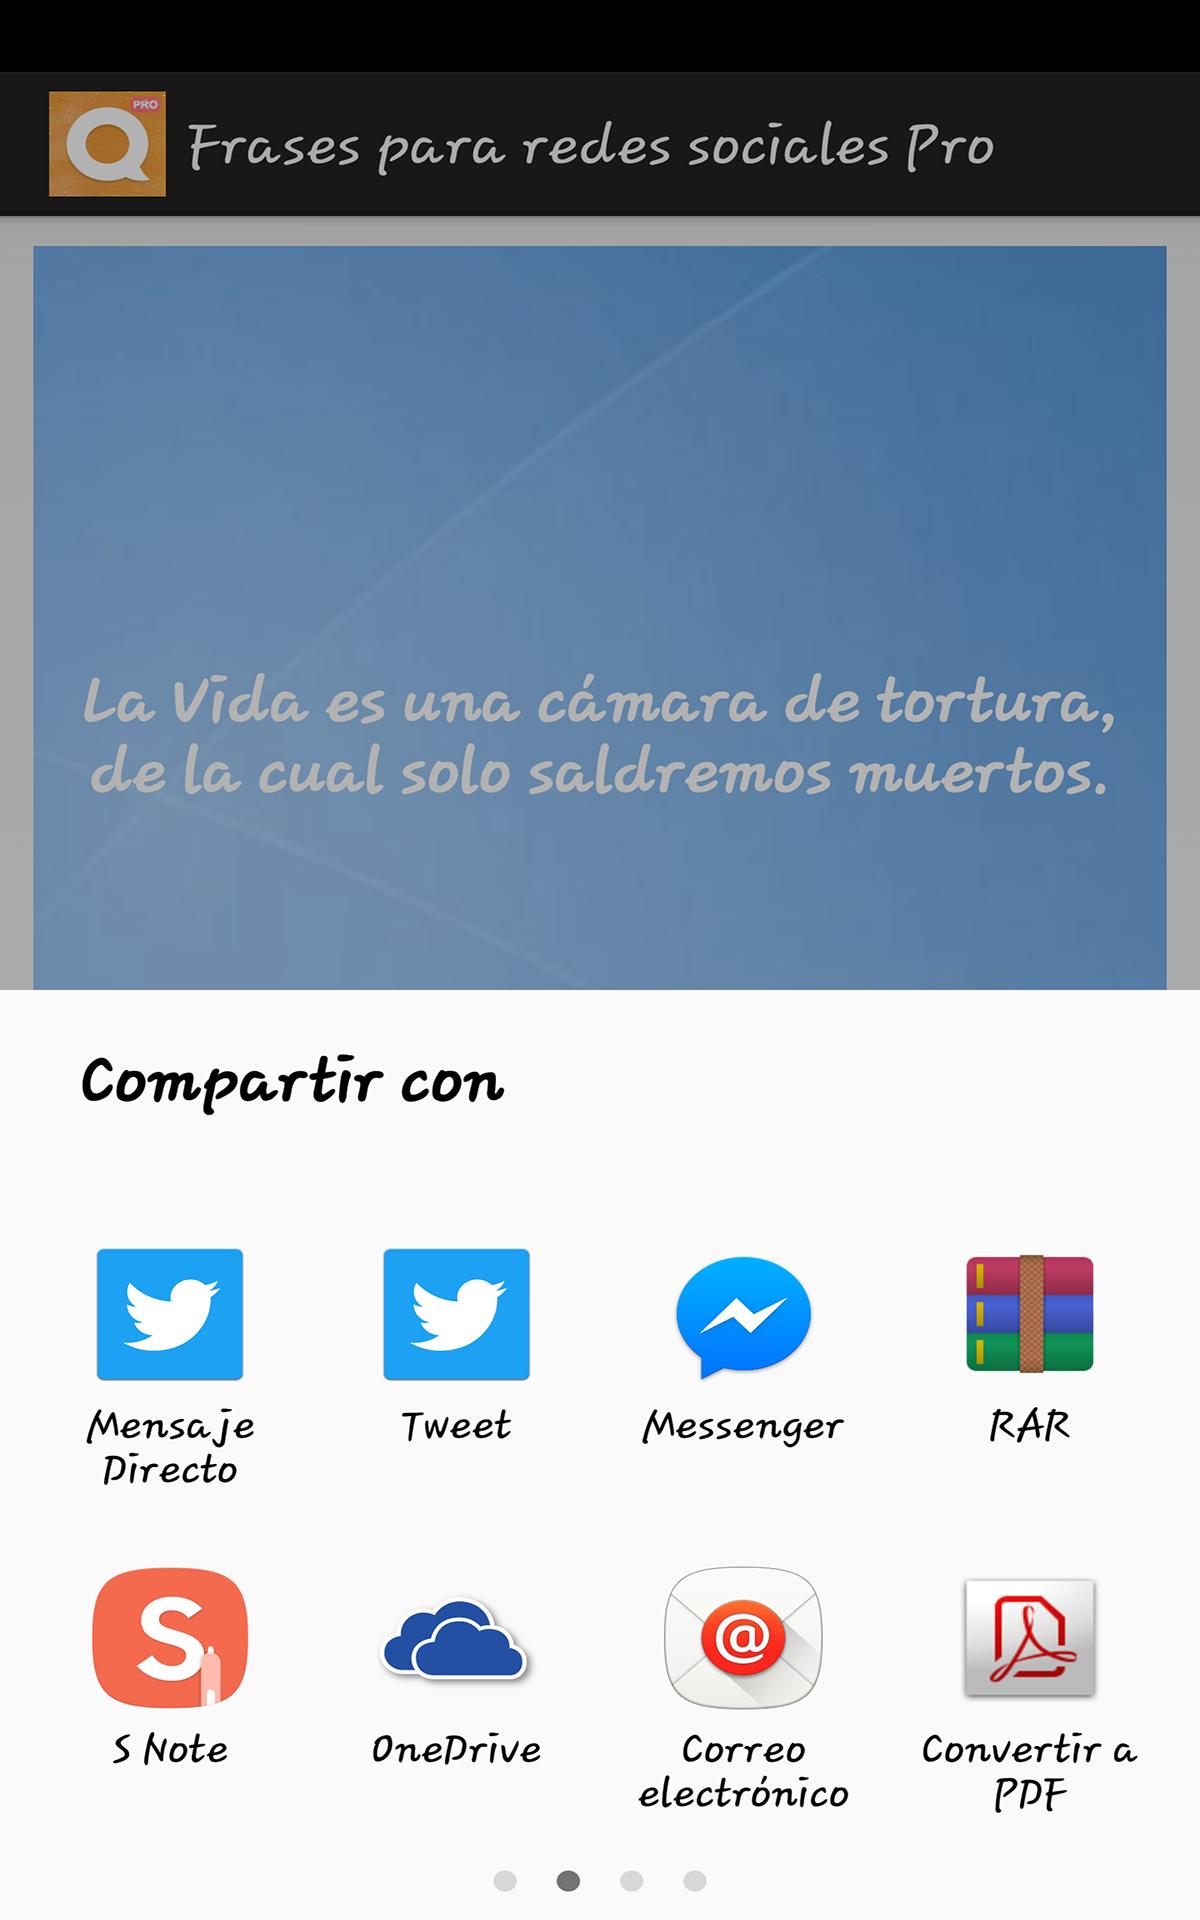 Frases para redes sociales Gratis: Amazon.es: Appstore para Android